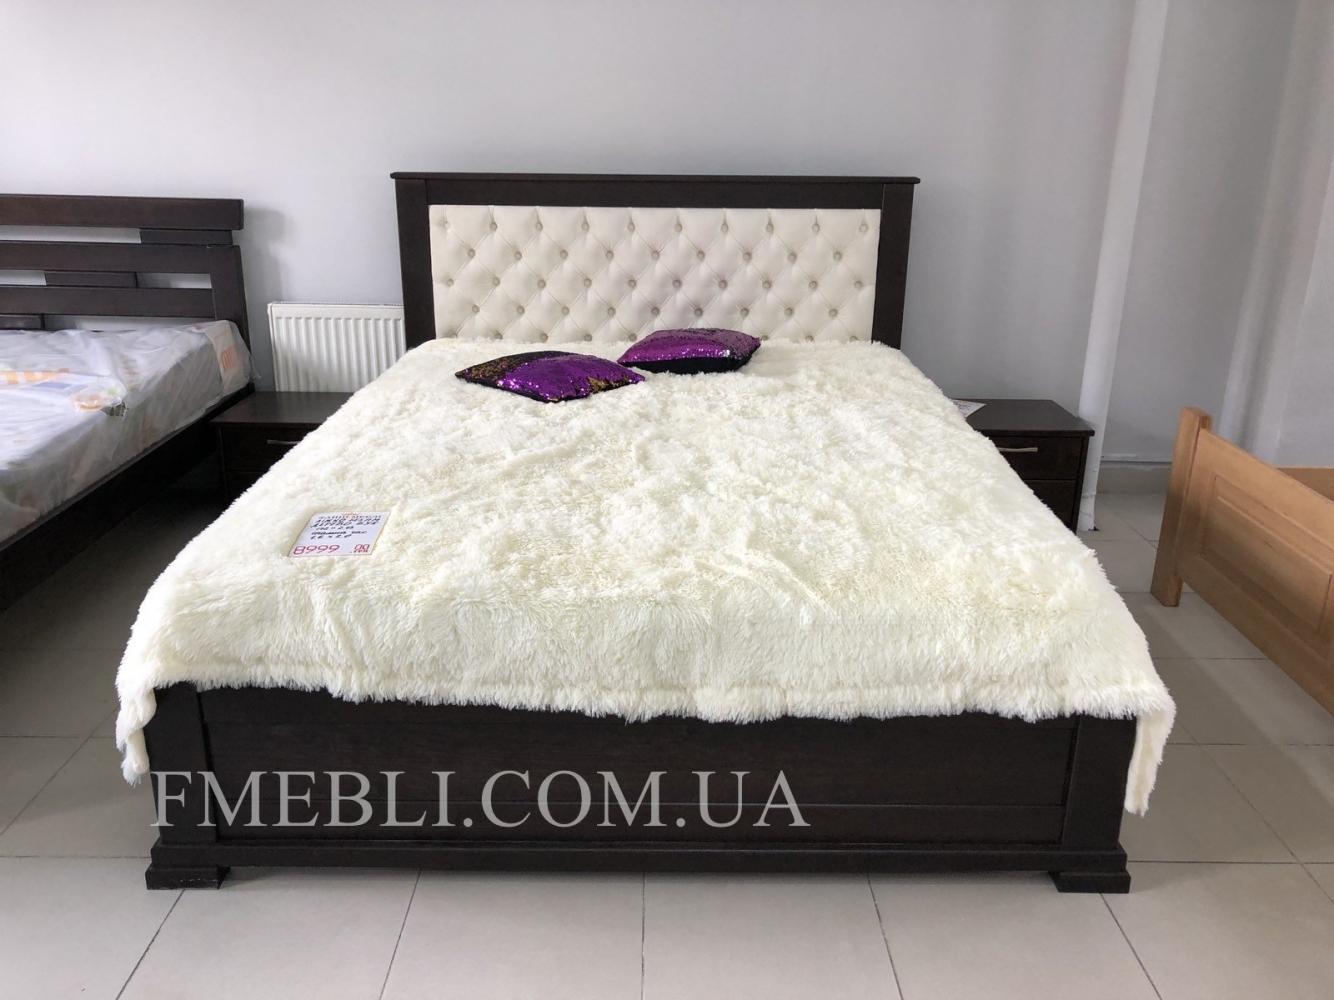 Ліжко Лорд М50 ЛЕВ 10